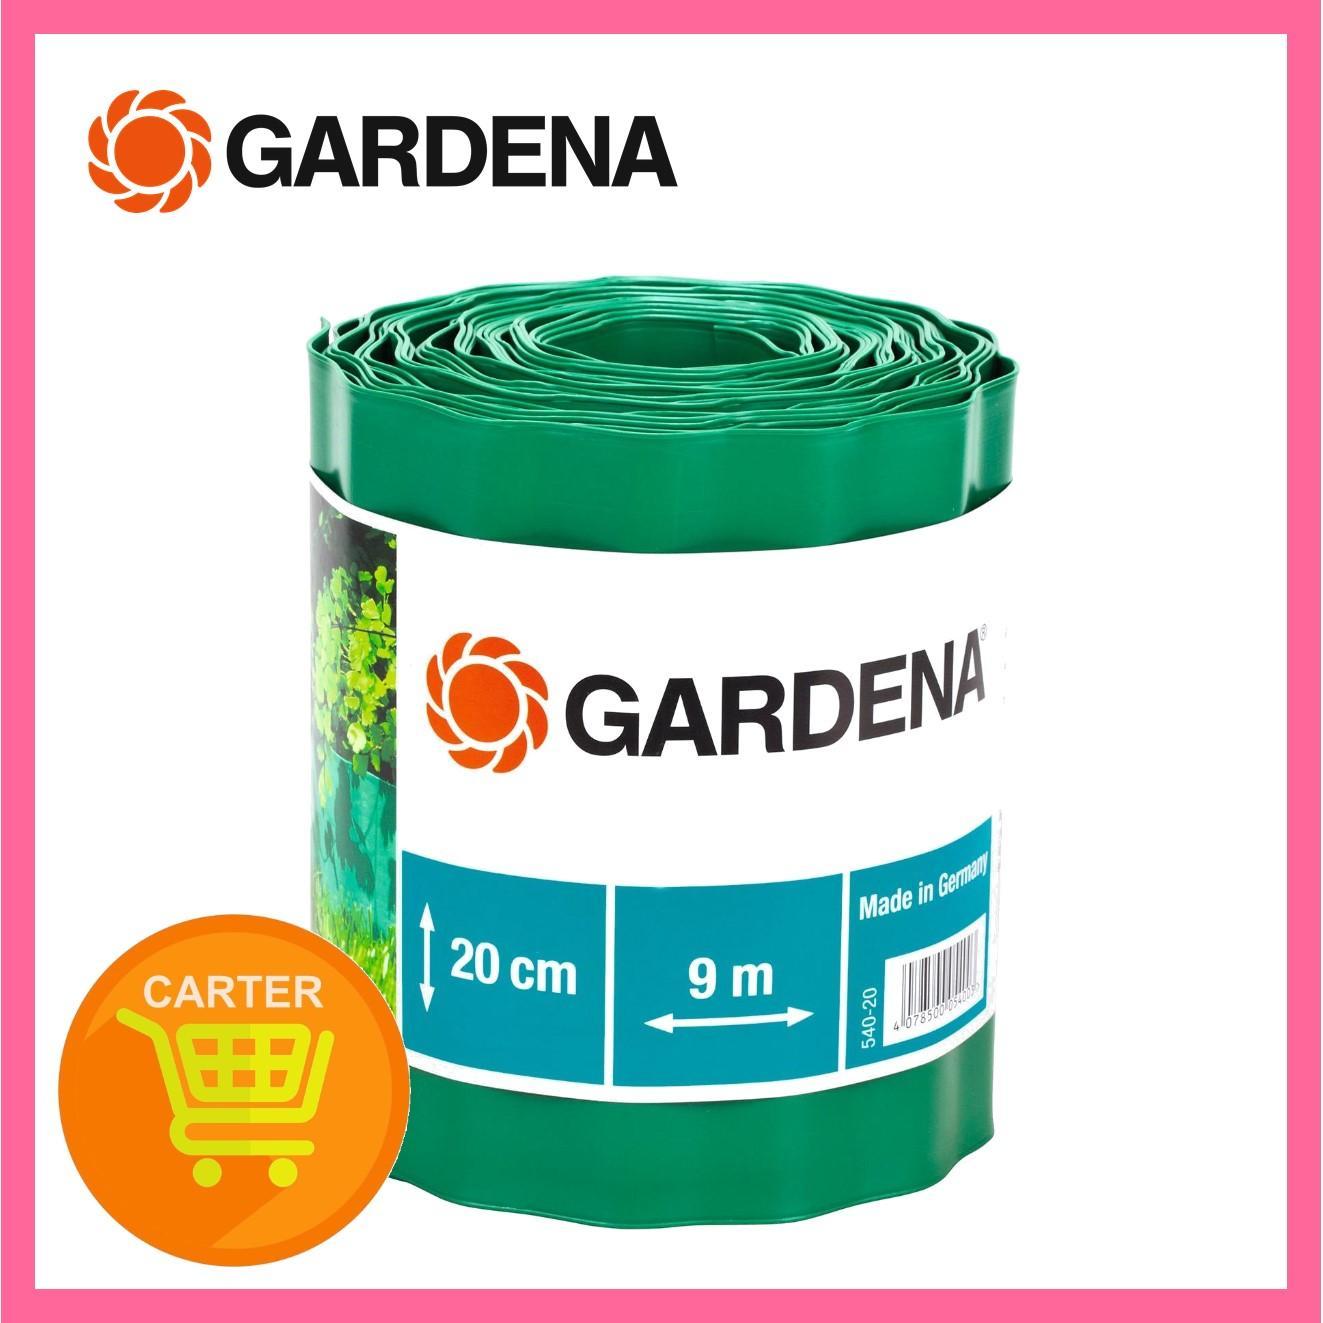 GARDENA LAWN EDGING G540